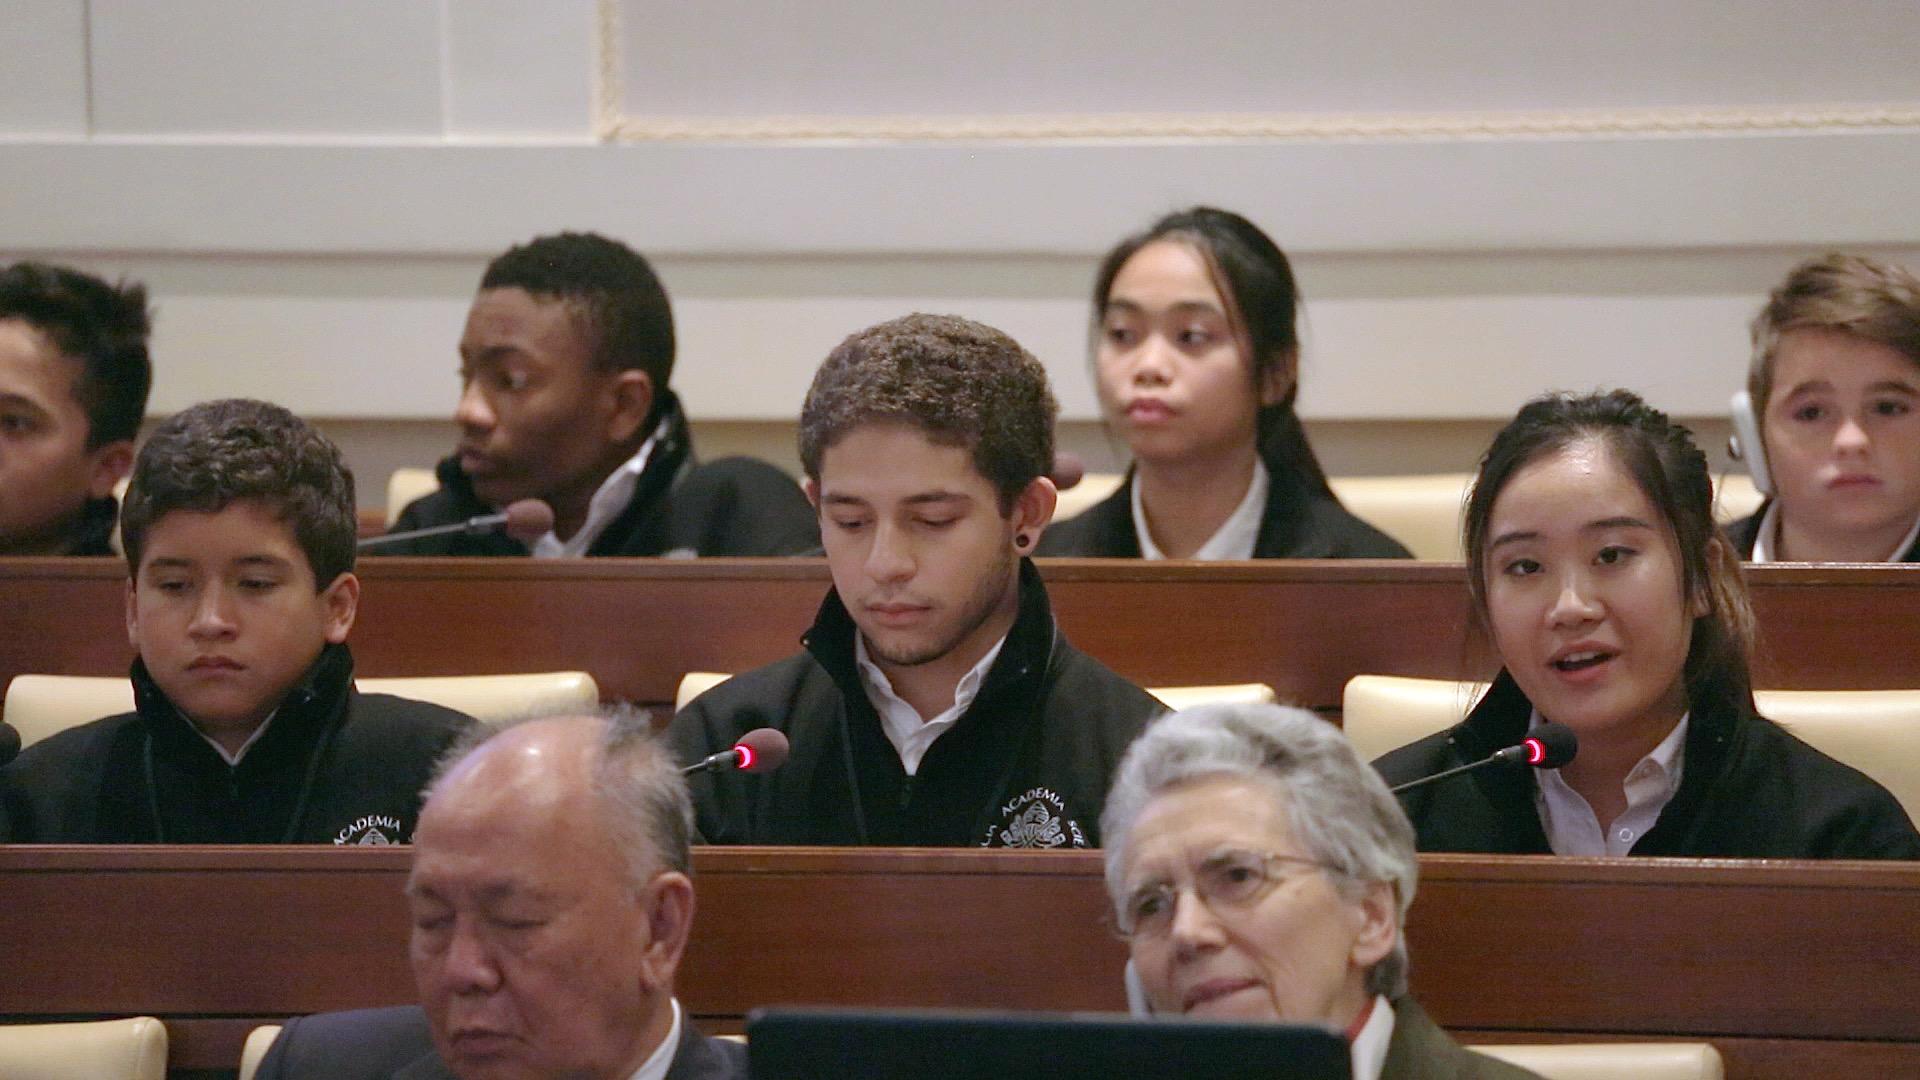 Students at Vatican 6